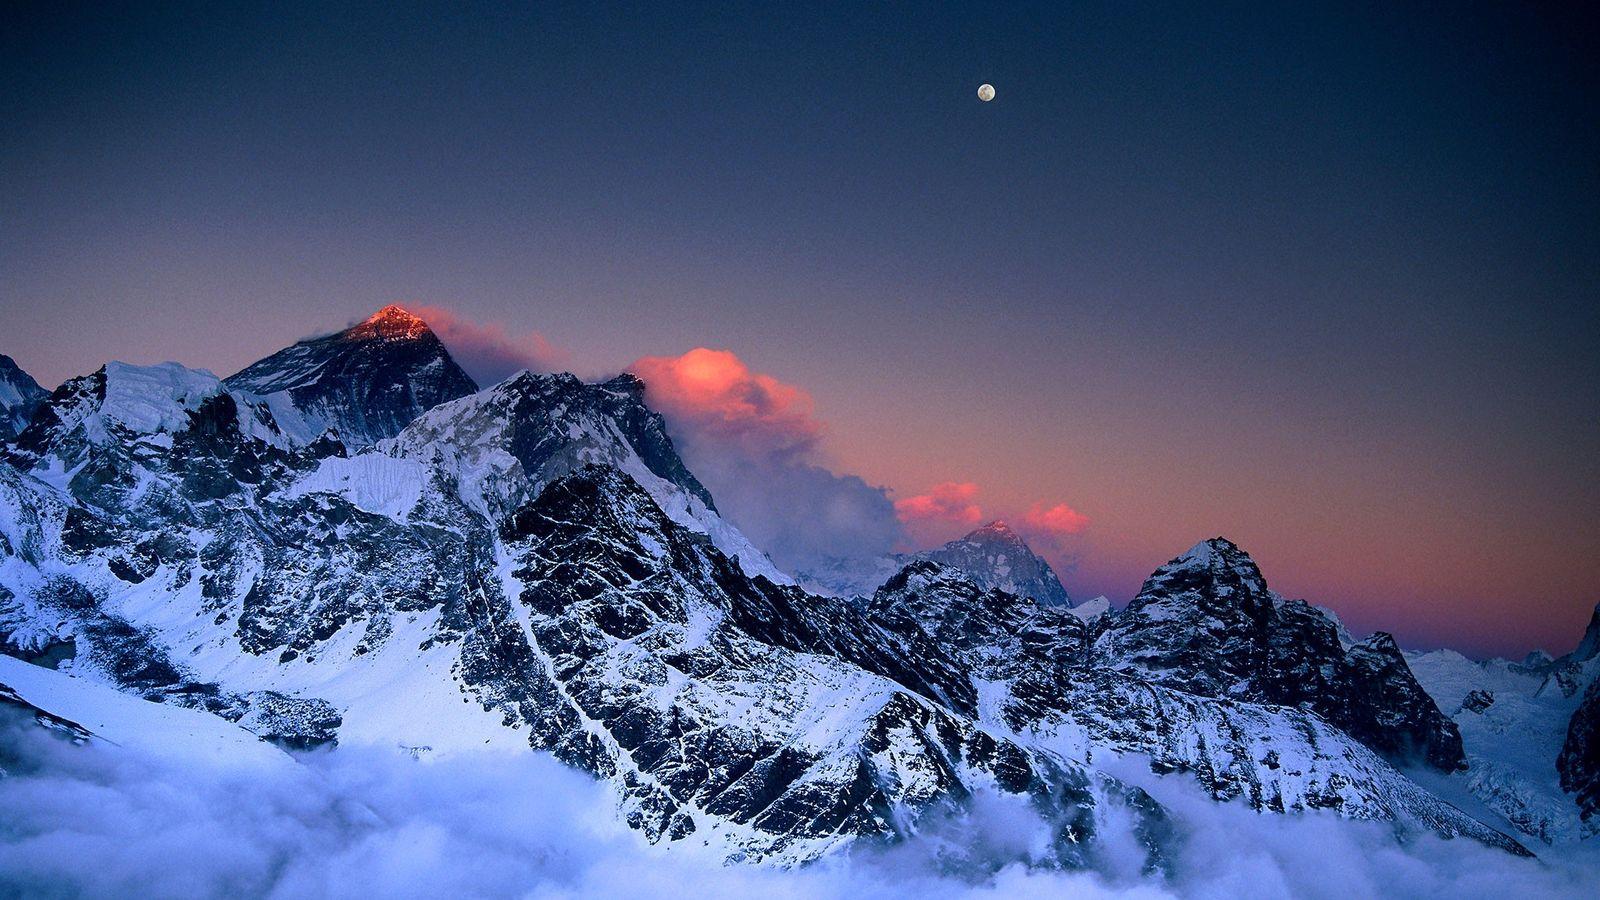 Au coucher de soleil, la lune illumine le mont Everest